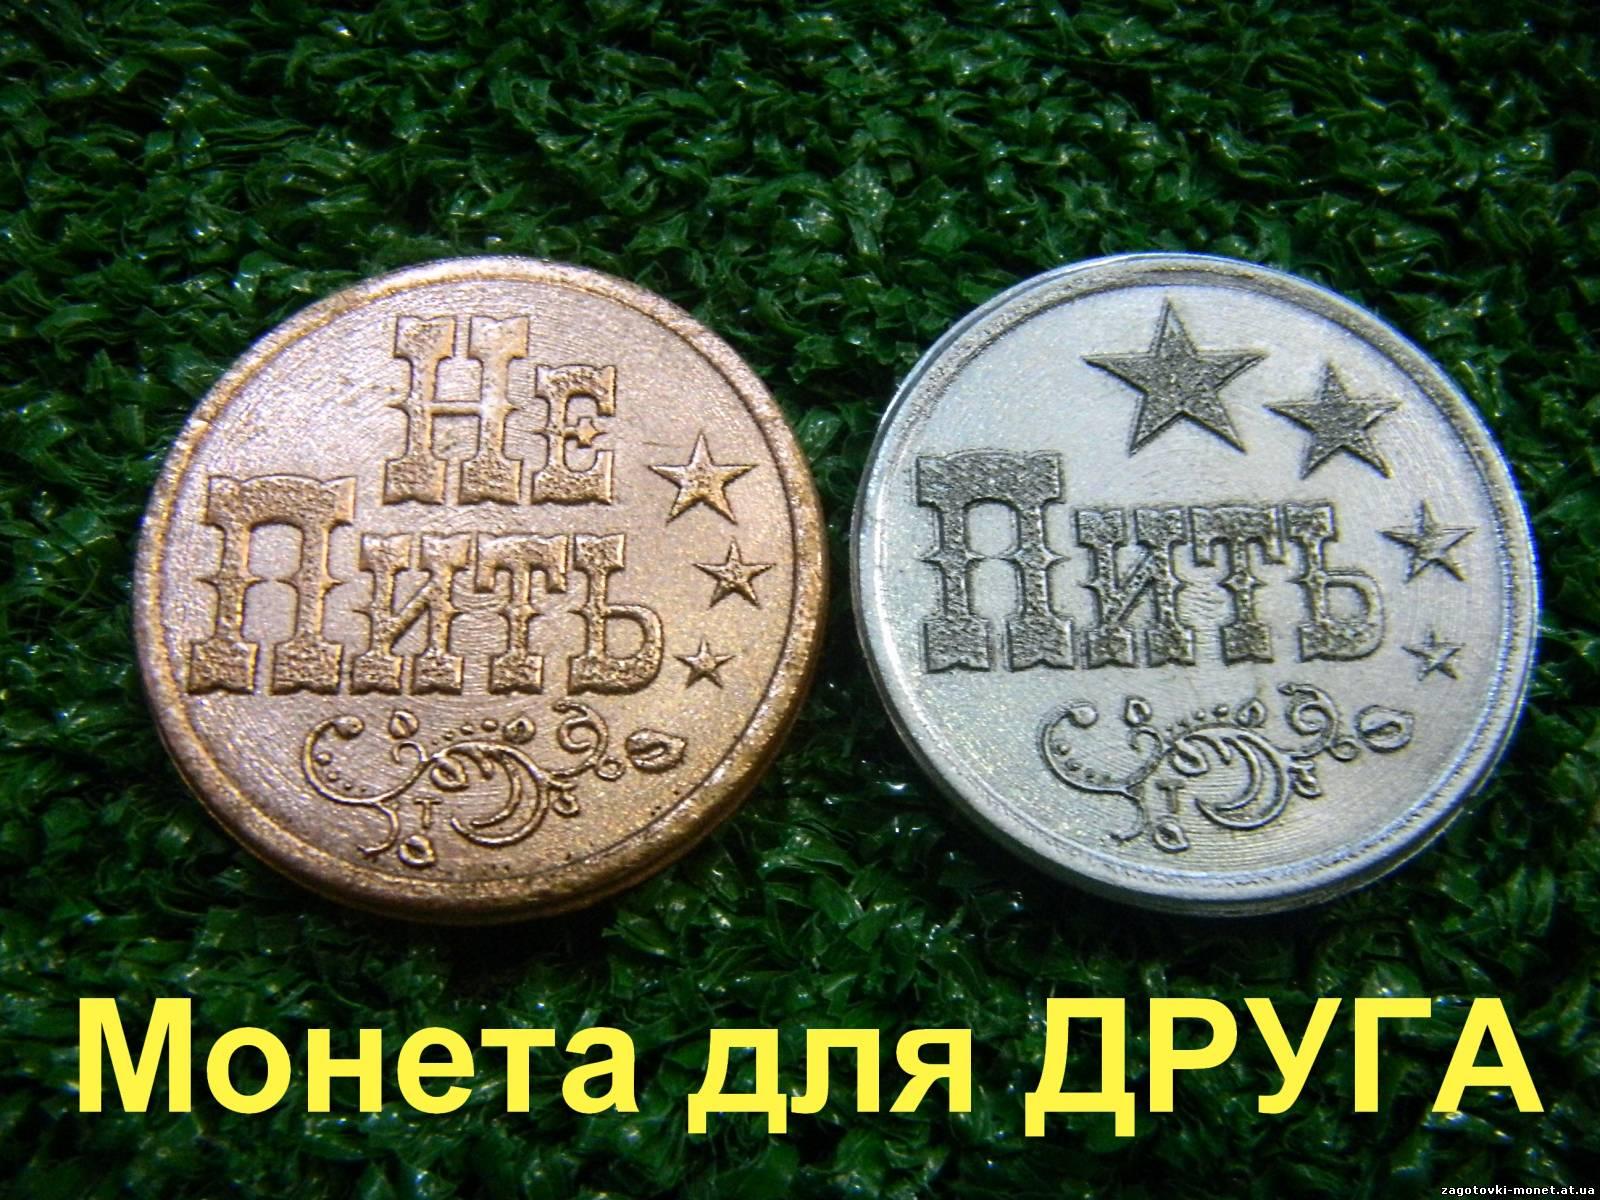 Шоколадные монетки своими руками печатный станок отзывы